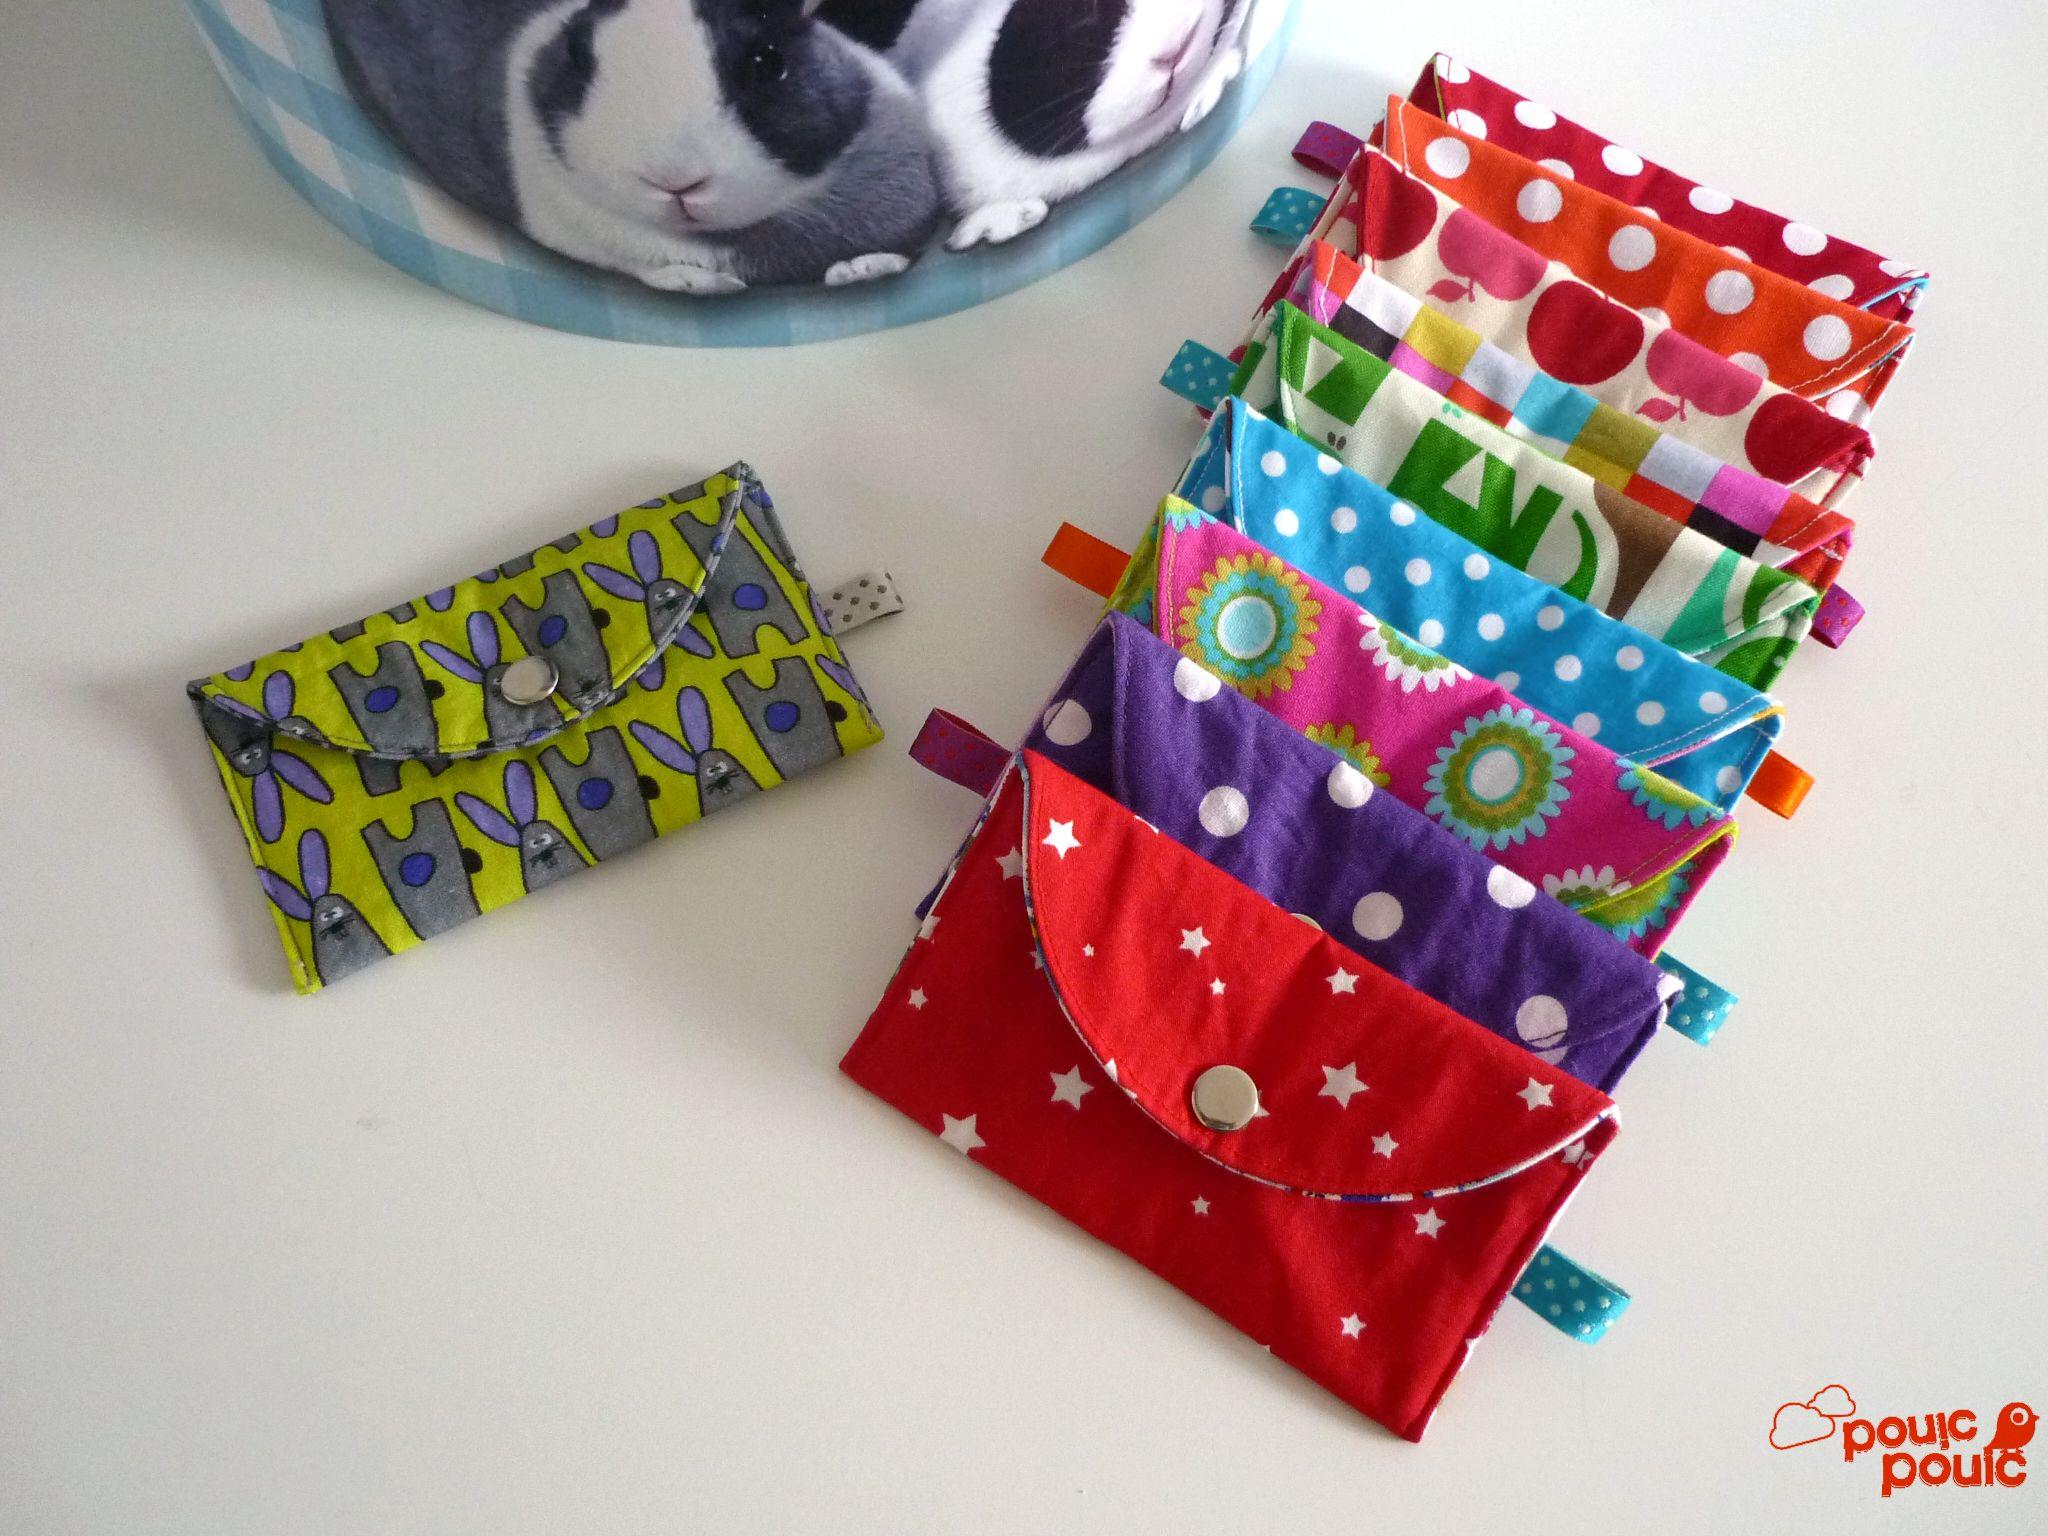 Porte monnaie tout simple avec pressions kam couture pinterest couture tutos couture et - Porte monnaie en tissu ...